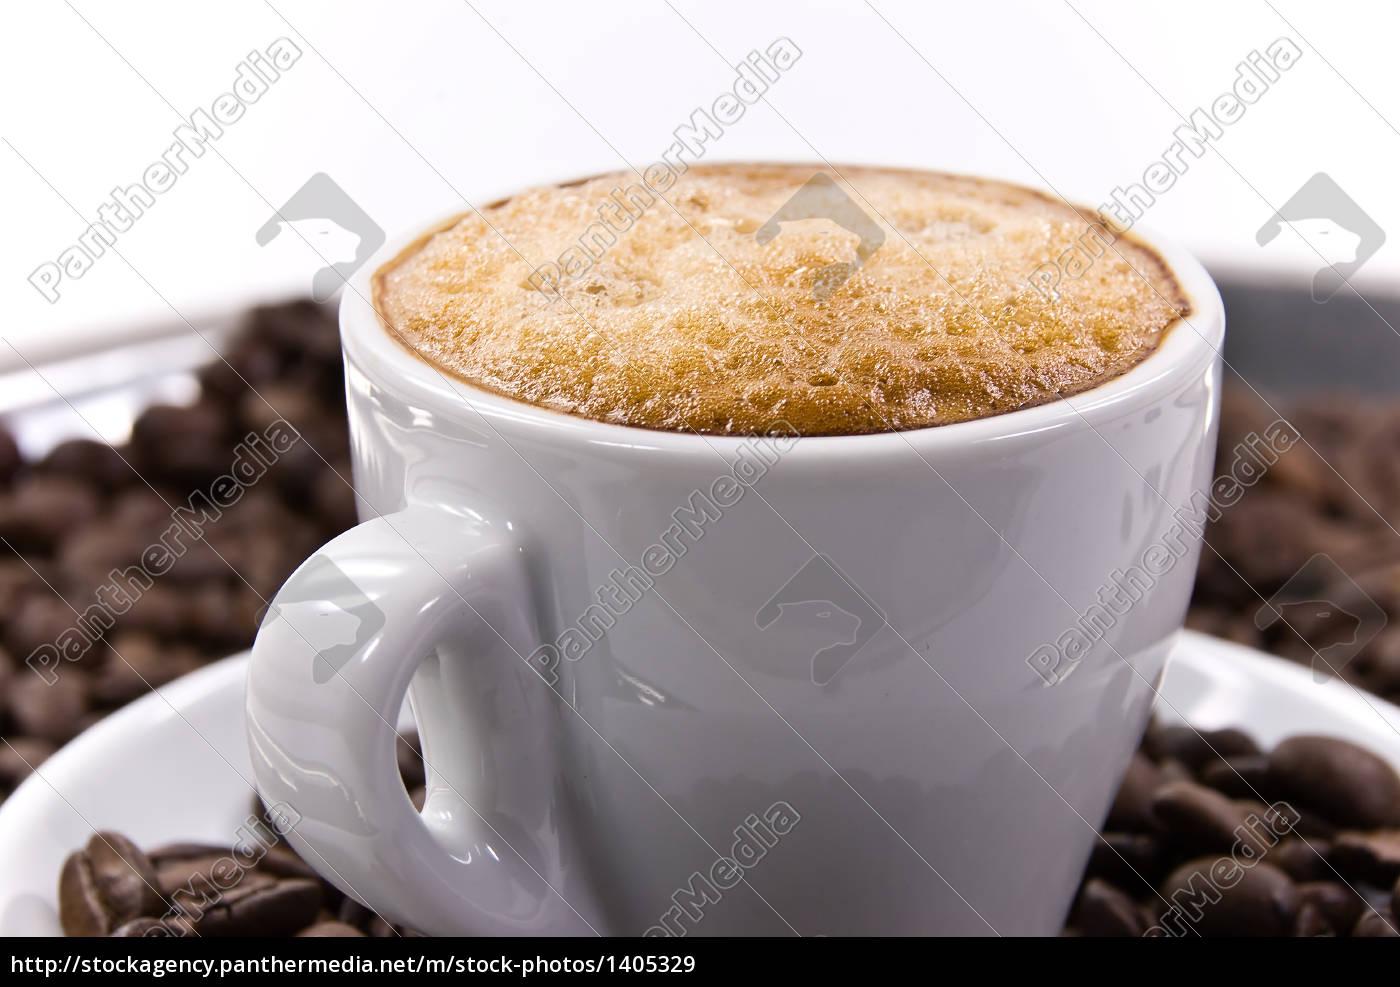 espresso - 1405329